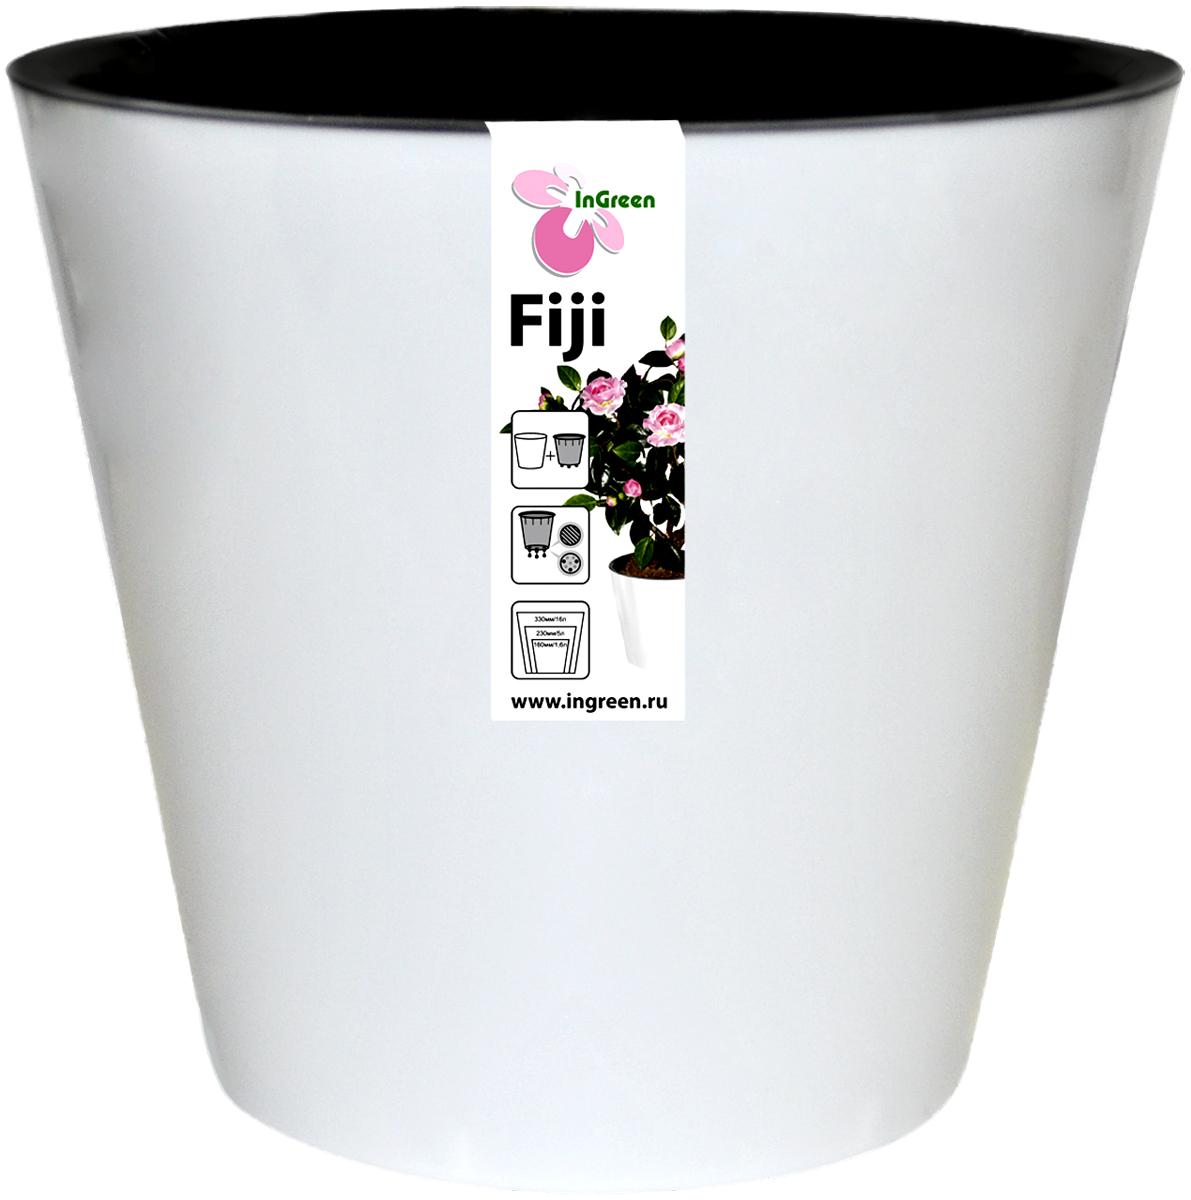 Горшок для цветов InGreen Фиджи, с ситемой атополива, цвет: белый, диаметр 16 смING1553БЛГоршок InGreen Фиджи, выполненный из высококачественного пластика, предназначен для выращивания комнатных цветов, растений и трав. Специальная конструкция обеспечивает вентиляцию в корневой системе растения, а дренажные отверстия позволяют выходить лишней влаге из почвы. Изделие состоит из цветного кашпо и внутреннего горшка. Растение высаживается во внутренний горшок и вставляется в кашпо. Инновационная система автополива обладает рядом преимуществ: экономит время при уходе за растением, вода не протекает при поливе и нет необходимости в подставке, корни не застаиваются в воде.Такой горшок порадует вас современным дизайном и функциональностью, а также оригинально украсит интерьер любого помещения. Объем: 1,6 л. Диаметр (по верхнему краю): 16 см.Высота: 14,5 см.